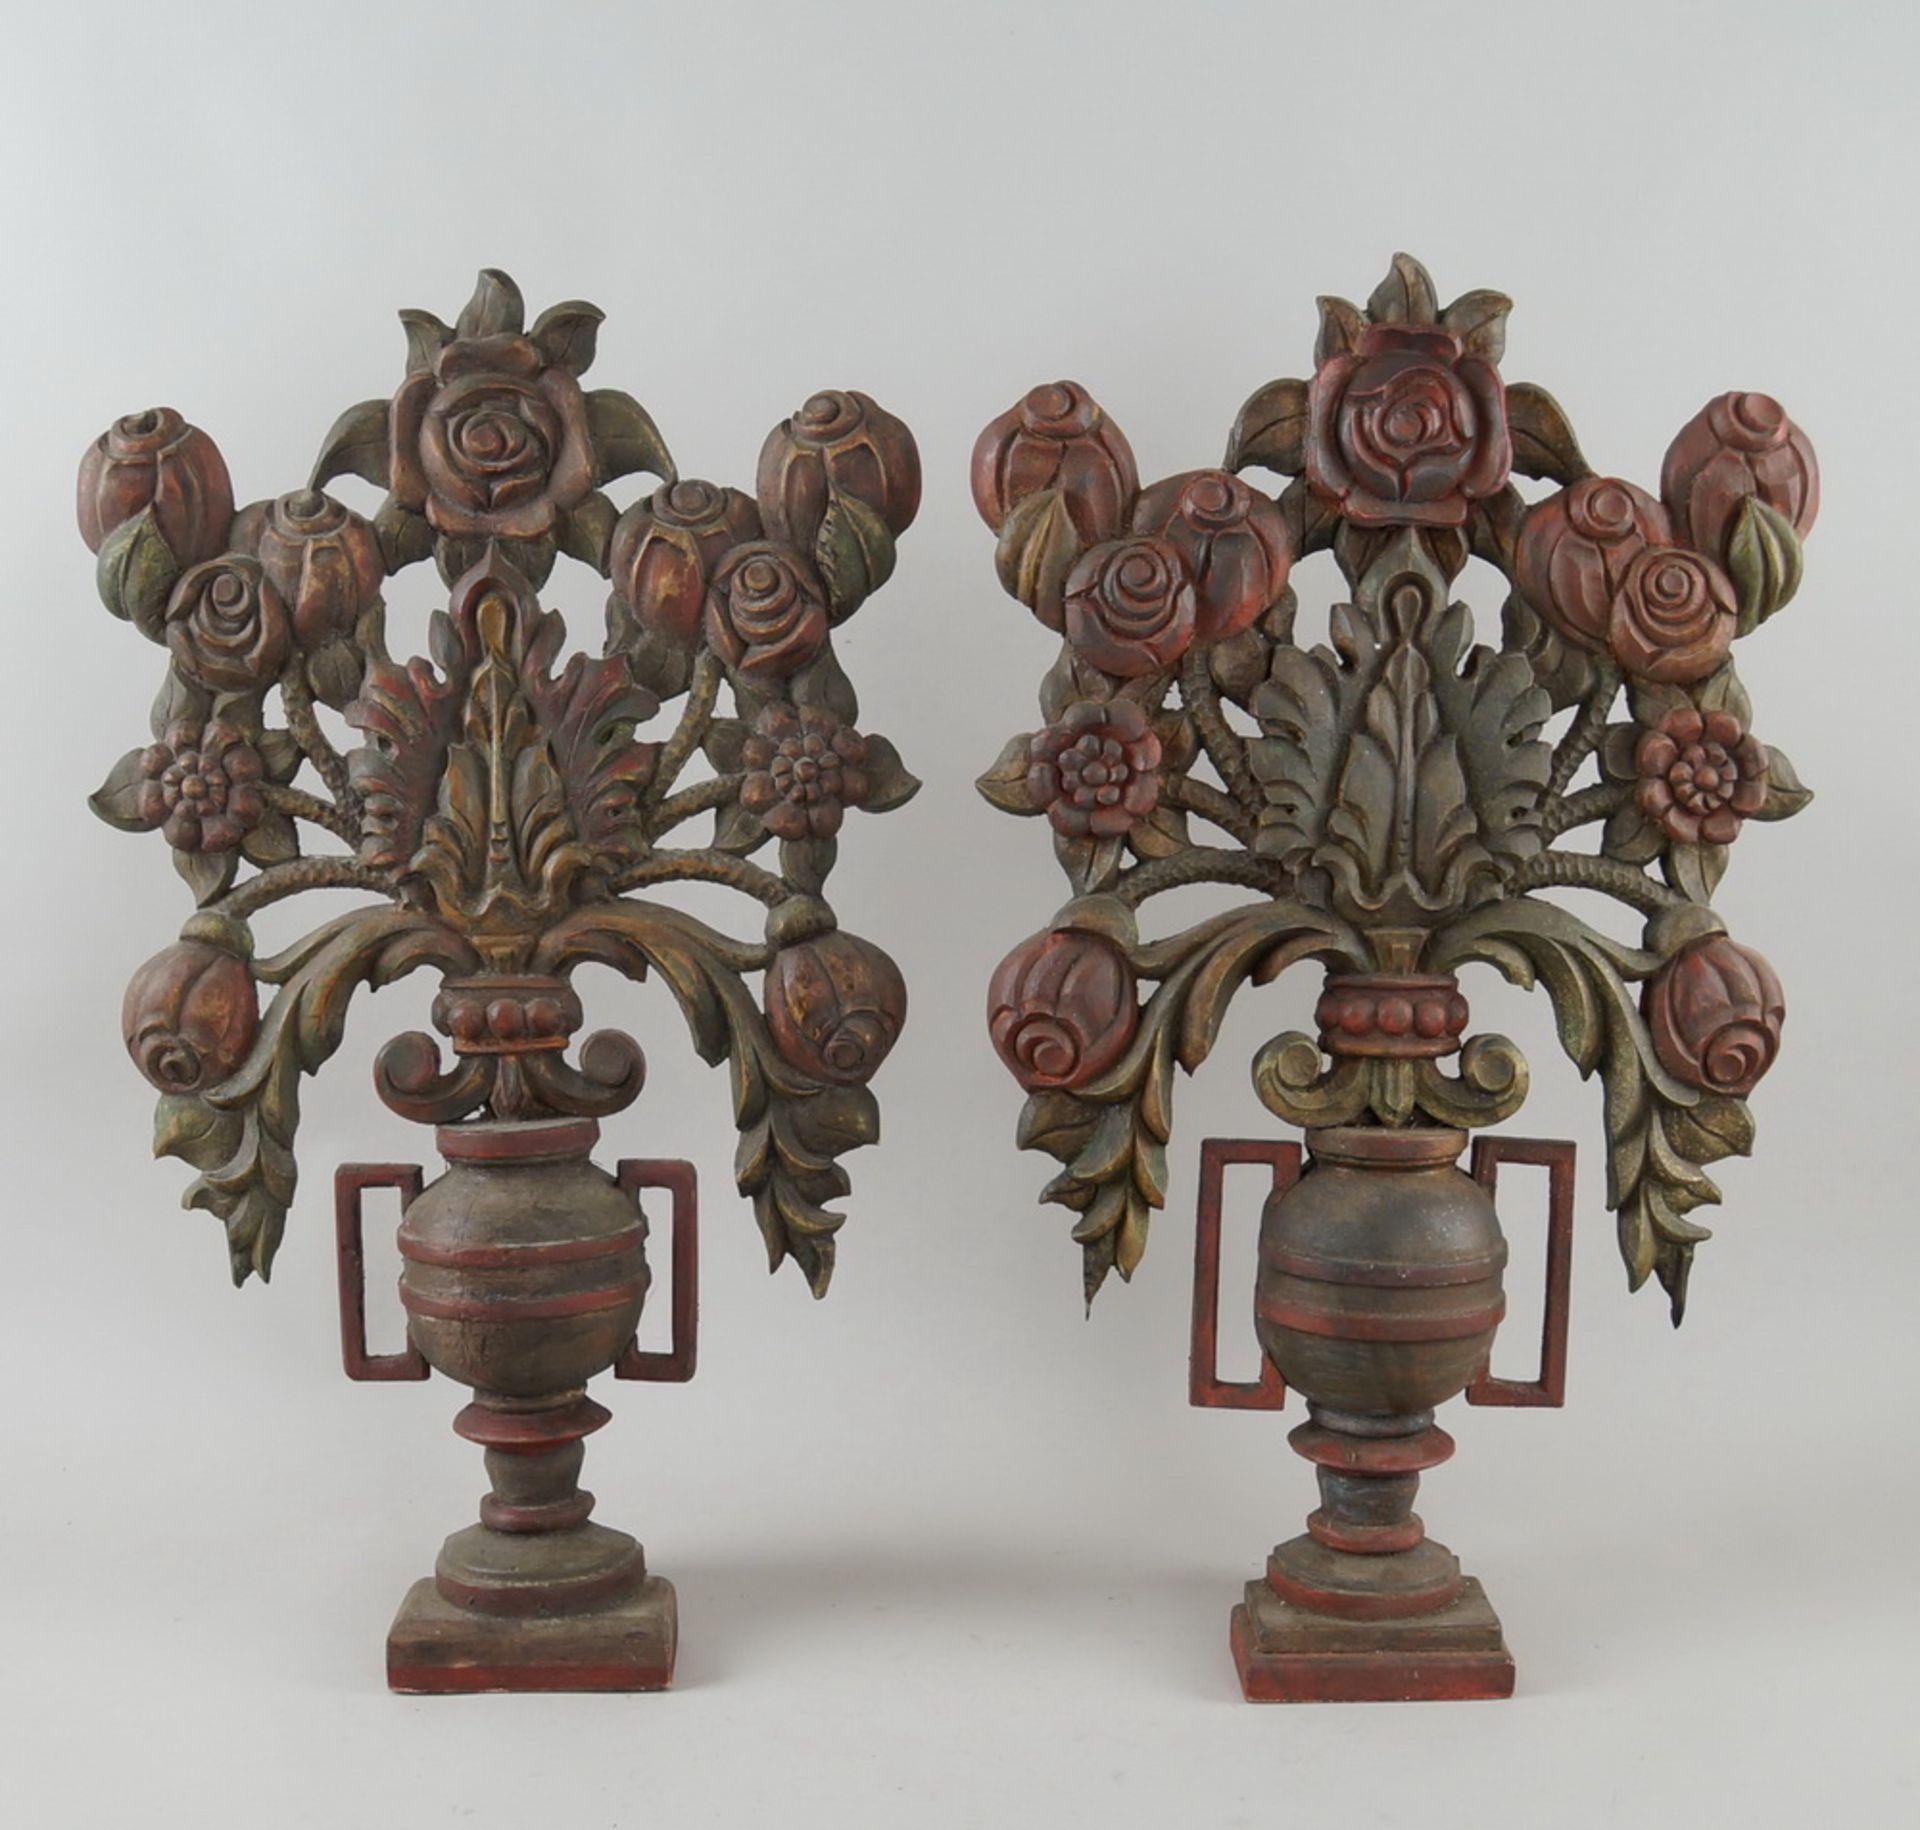 Paar bäuerliche Maiblumen / Altarvasen, Holz geschnitzt und gefasst, 63x35x13cm